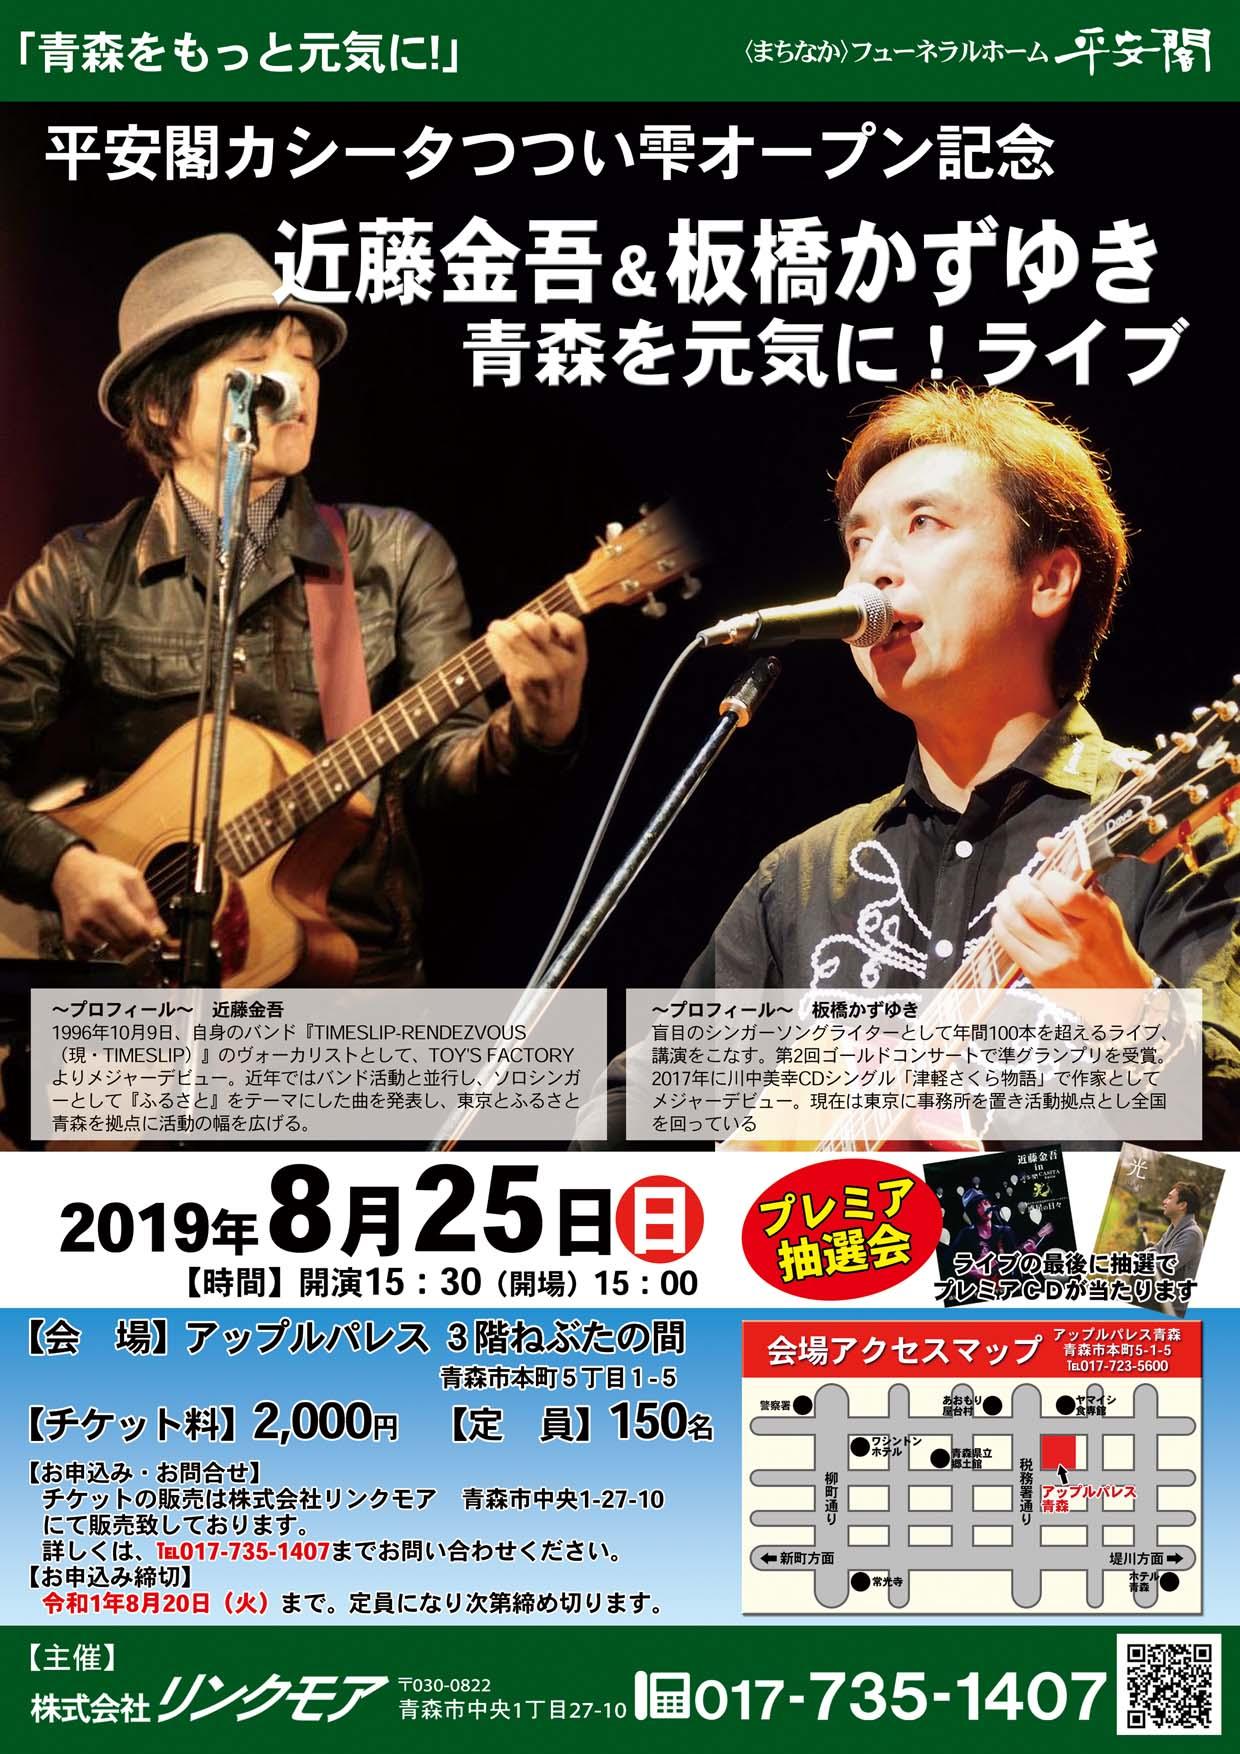 0825雫オープン記念ライブ